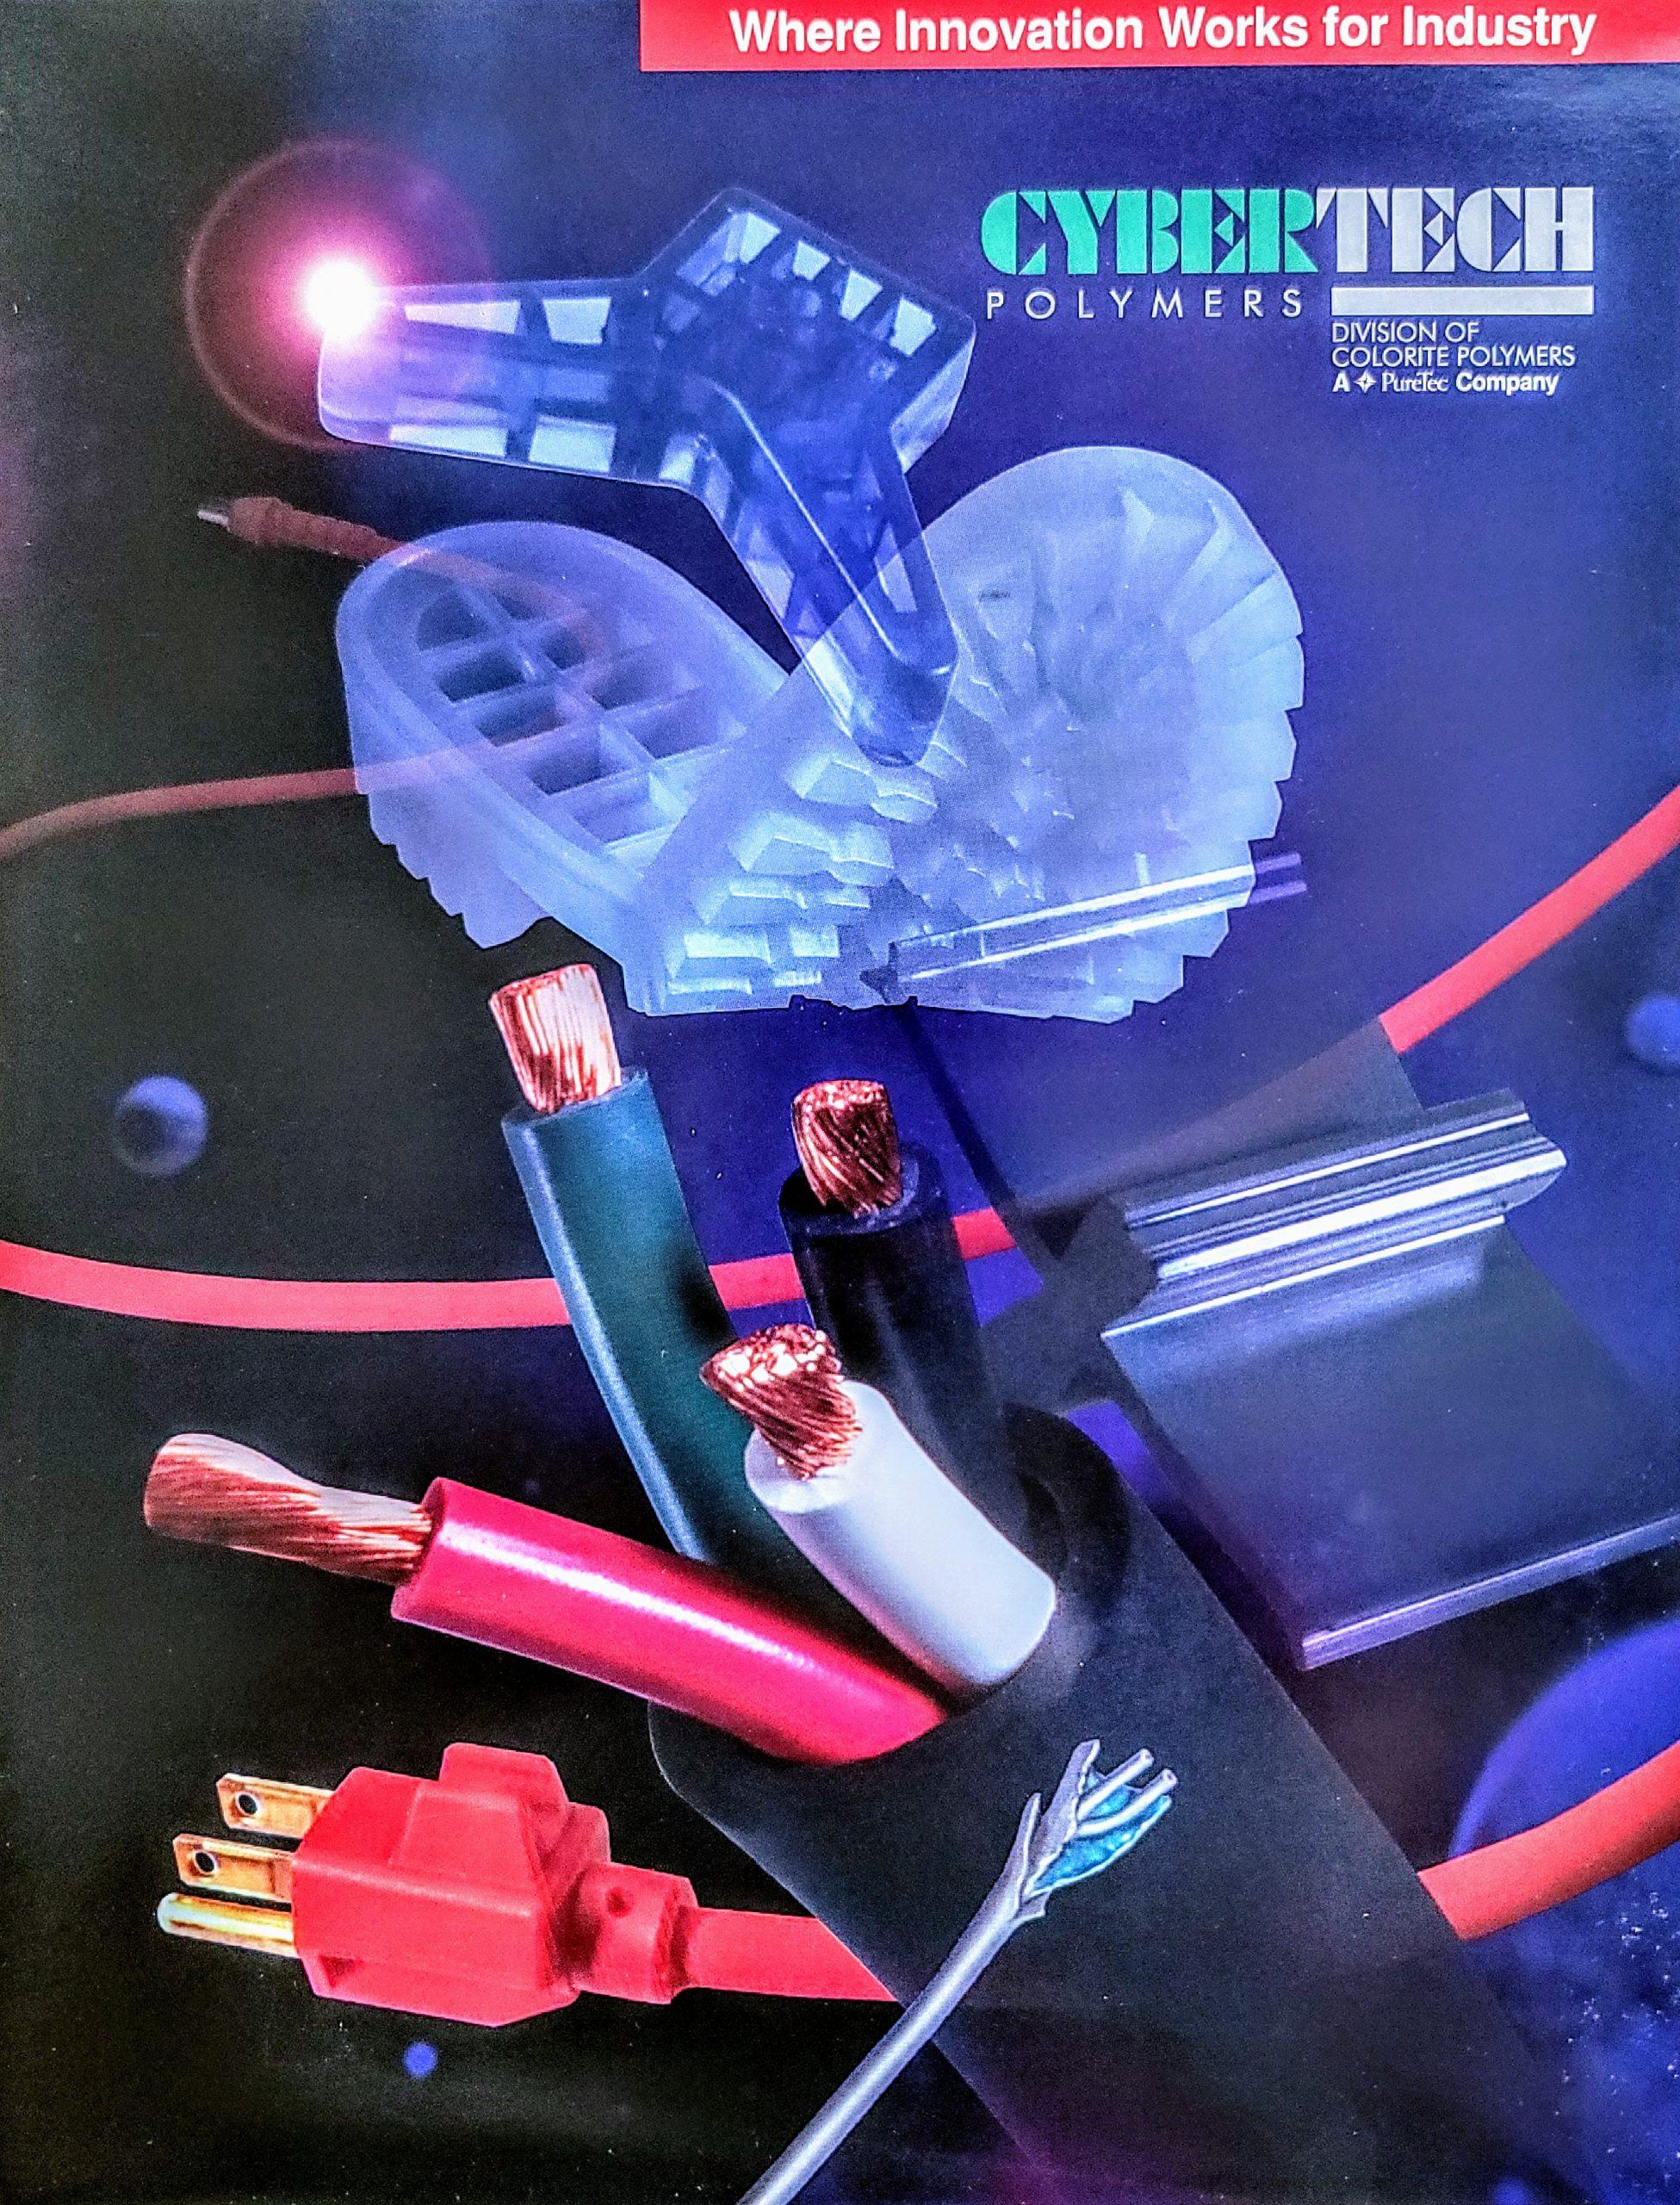 cybertech_brochure_1